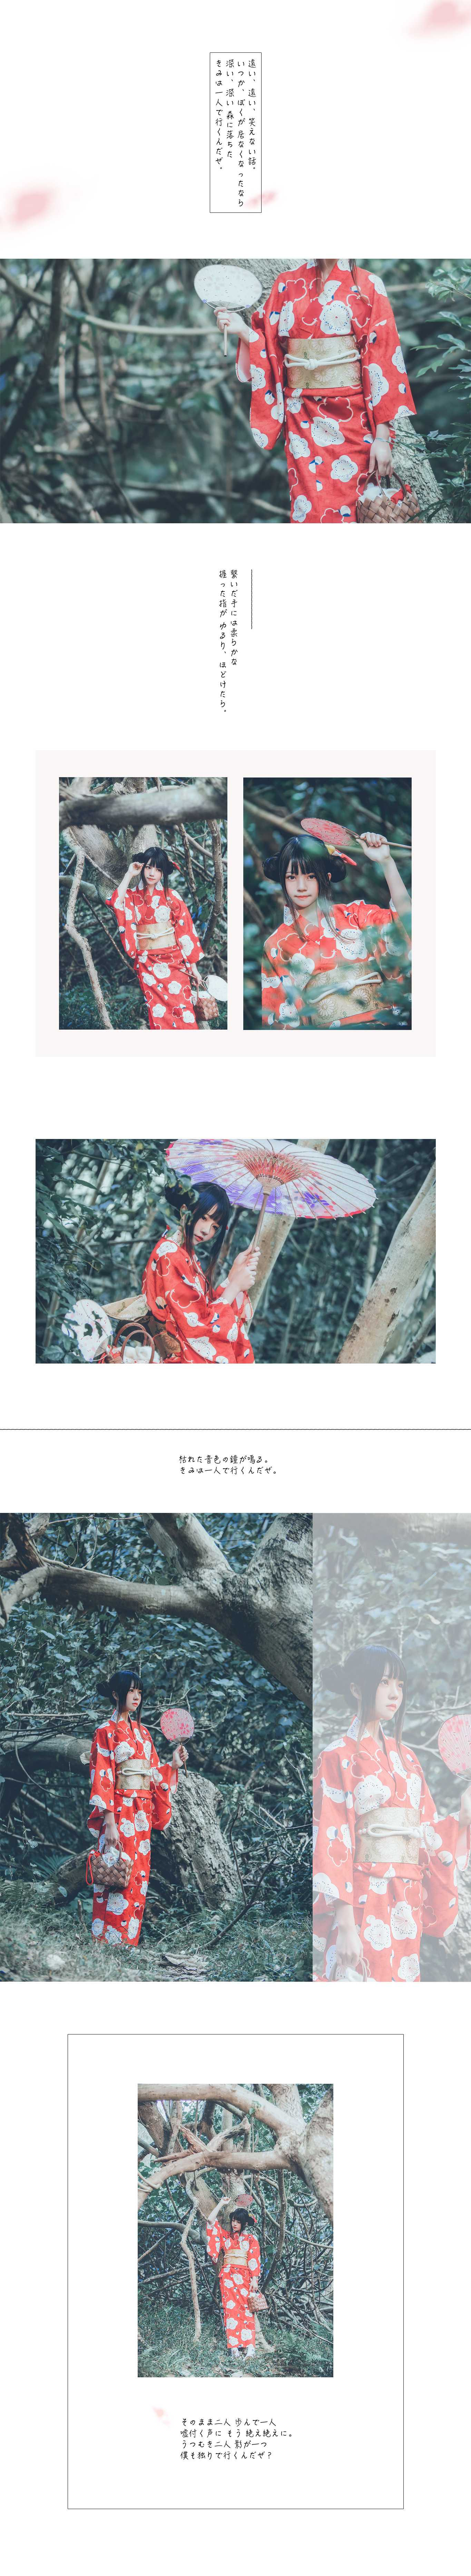 免费⭐微博红人⭐桜桃喵@写真cos-森に落ちた(桜桃喵)插图2